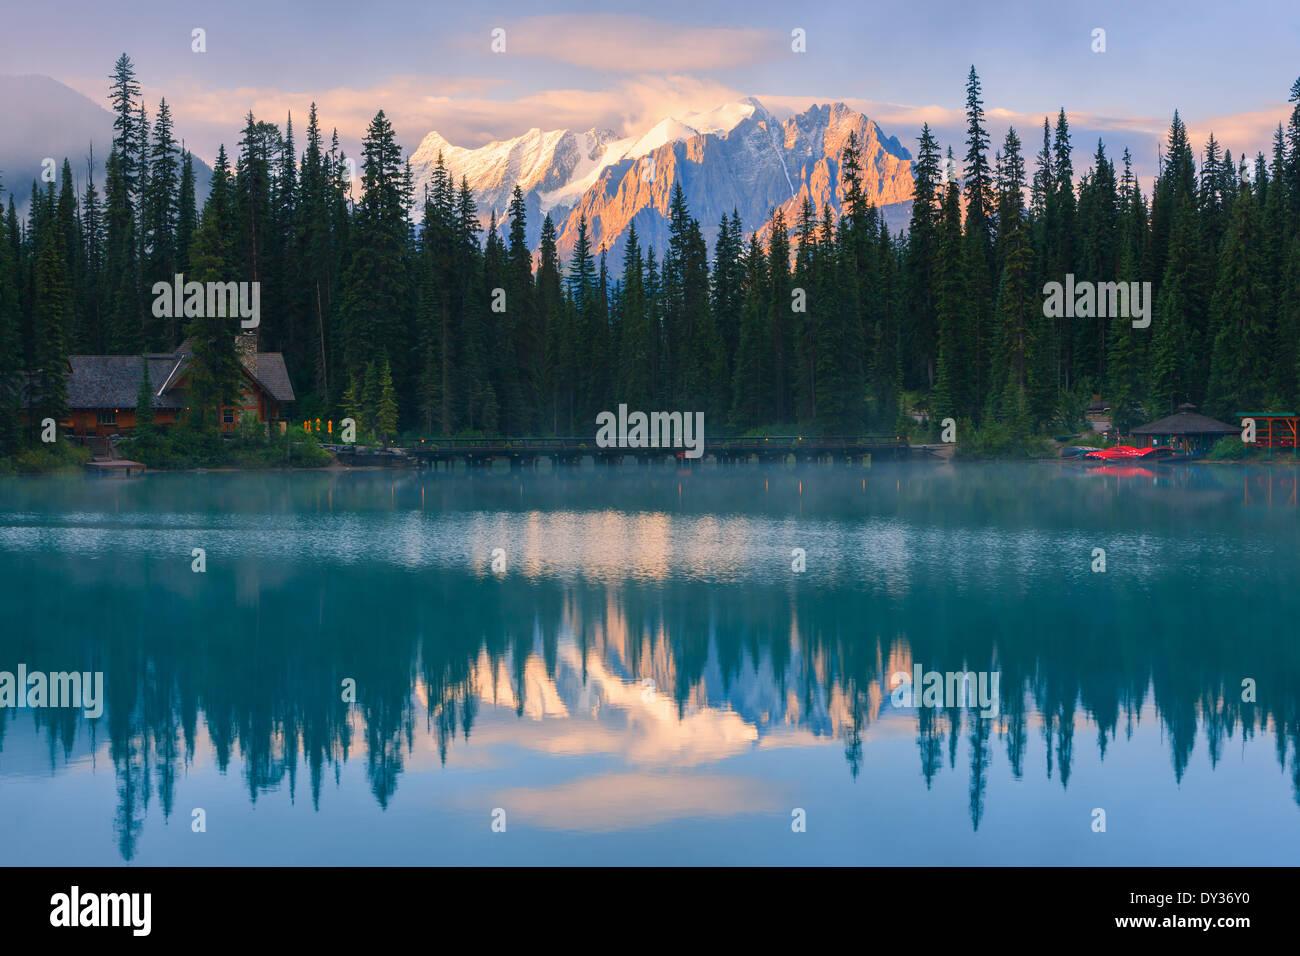 Sunrise Emerald Lake en el Parque Nacional Yoho, British Columbia, Canadá Imagen De Stock